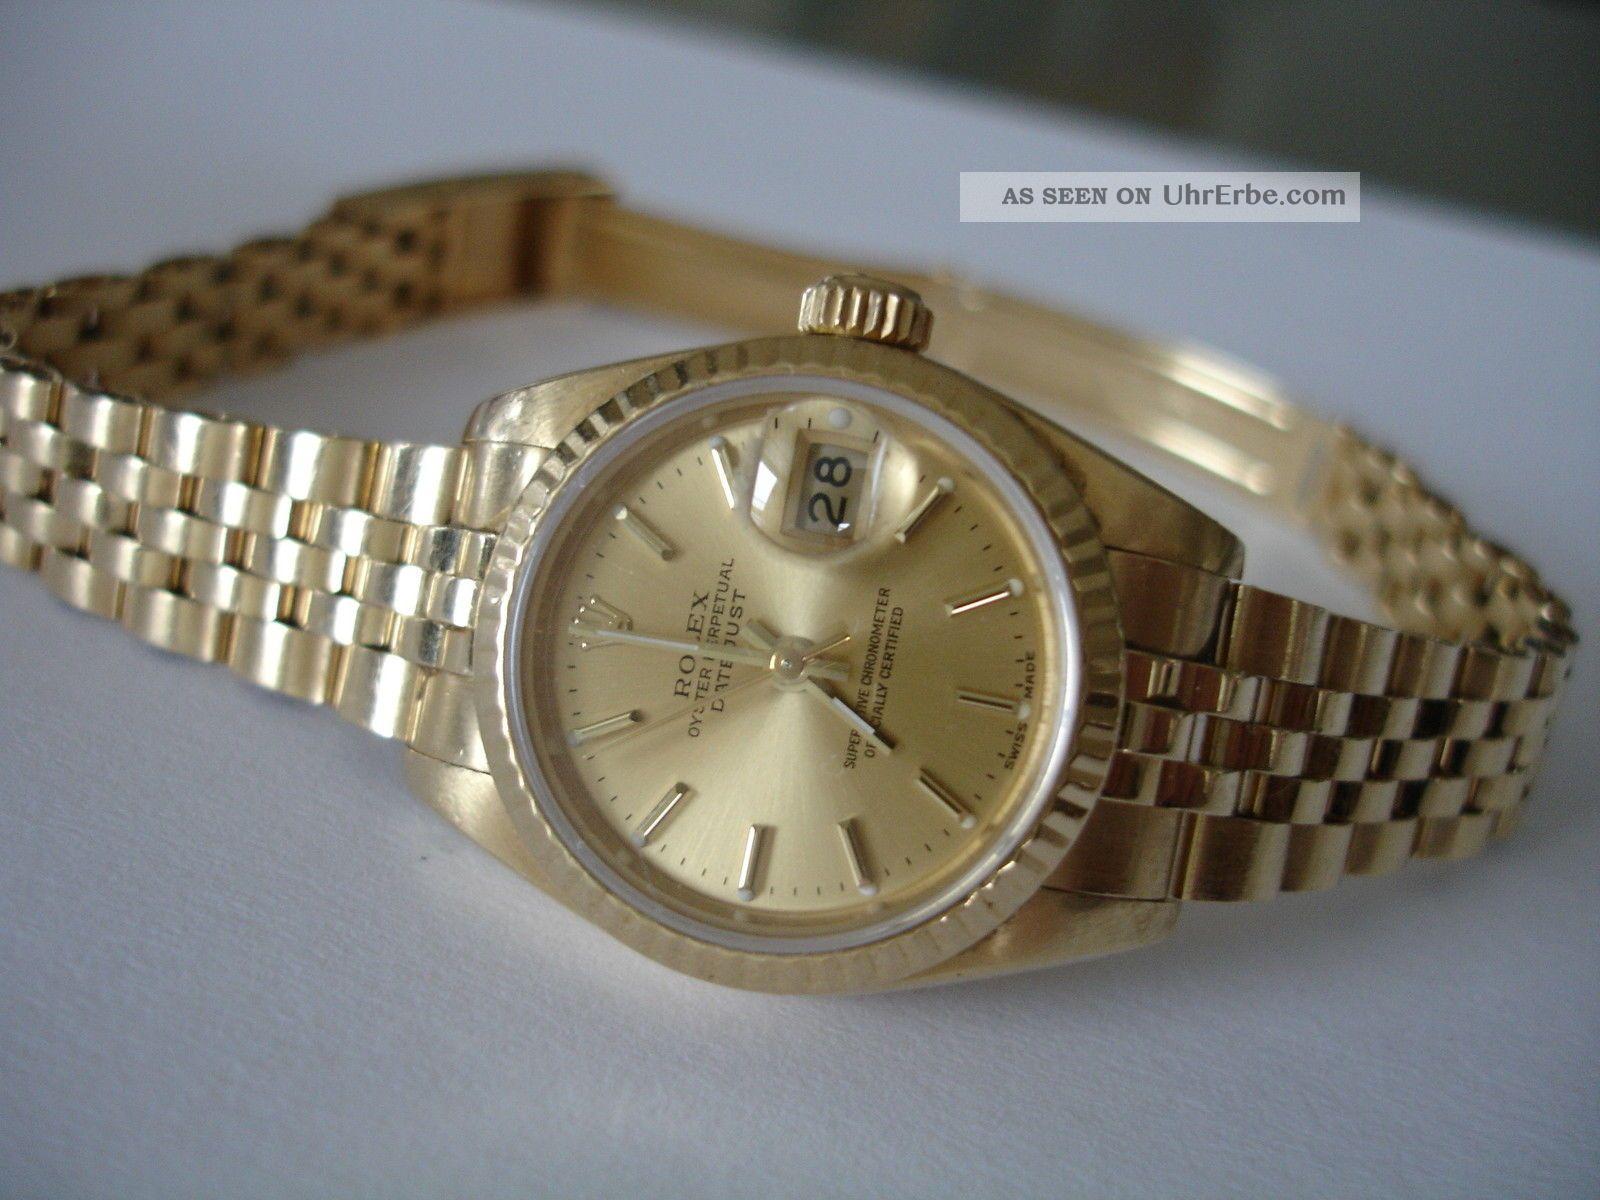 Rolex Datejust Lady 18kt Gold Uhr/ Watch 25mm Armbanduhren Bild